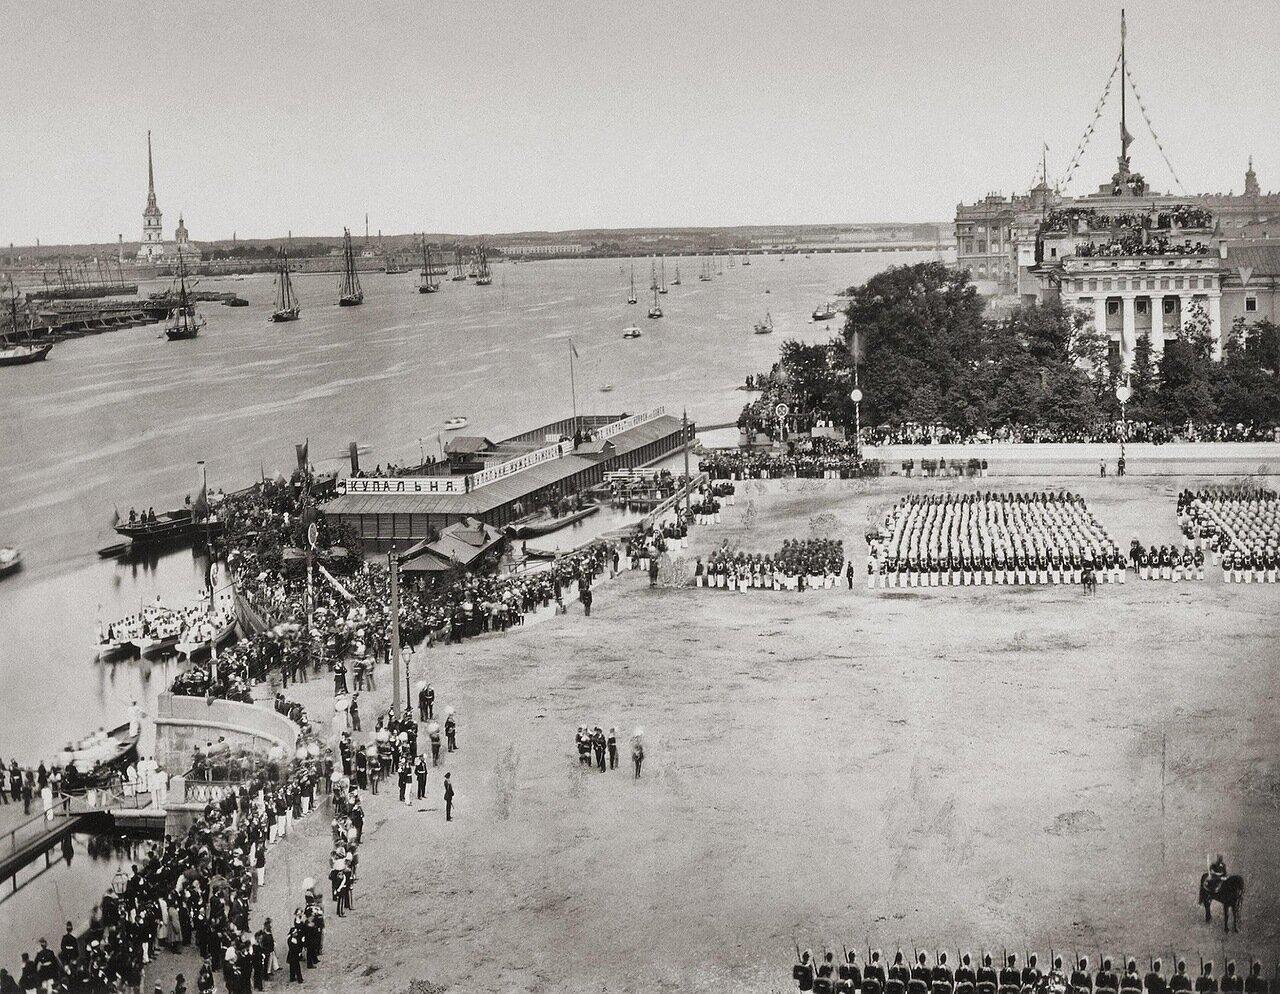 Торжества на Неве во время празднования юбилея Петра I 1872